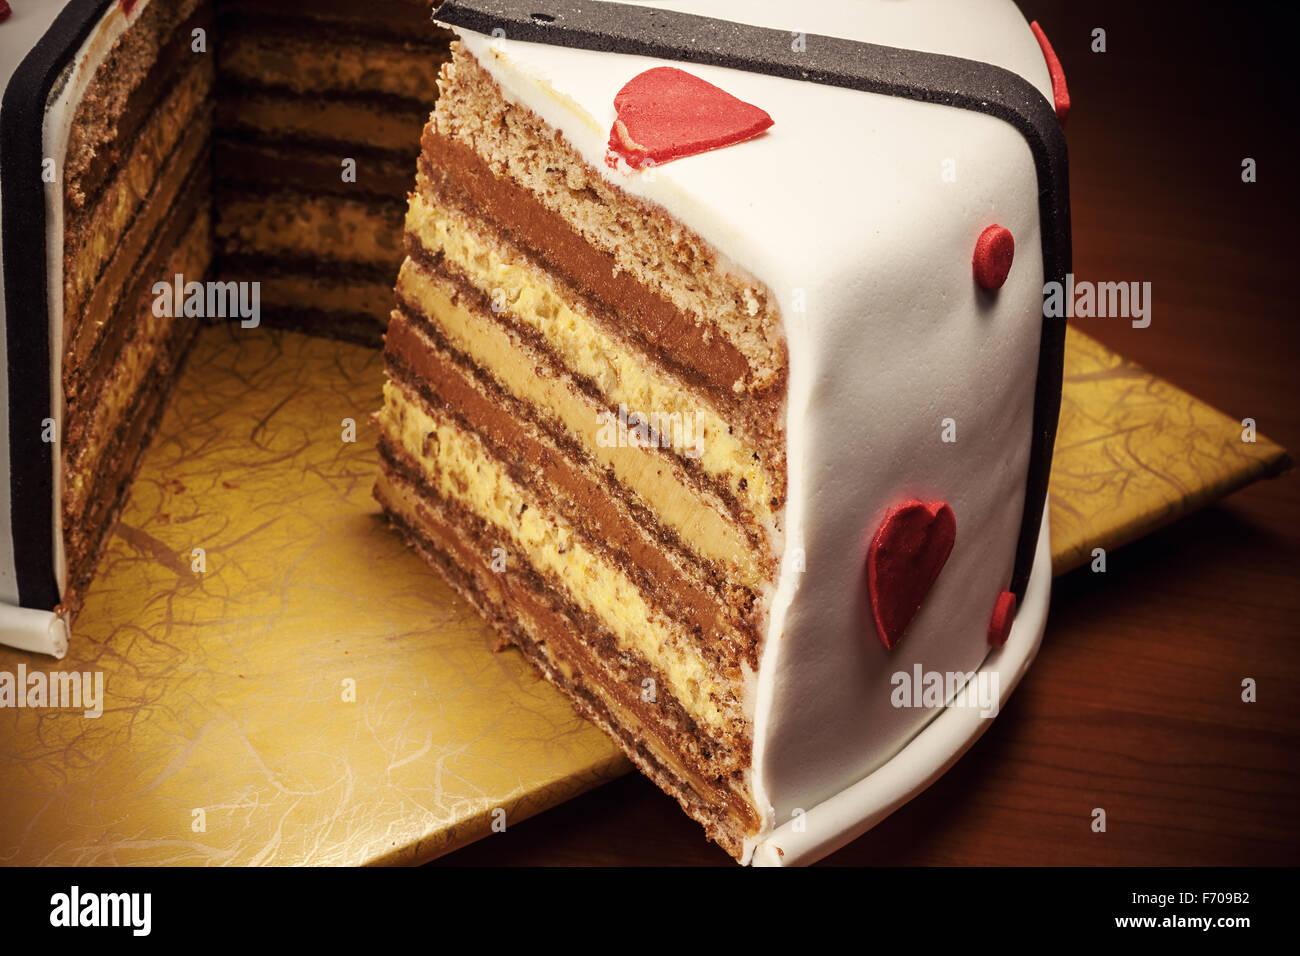 Décoration gâteau anniversaire avec coeur rouge et noir des rubans. Photo Stock